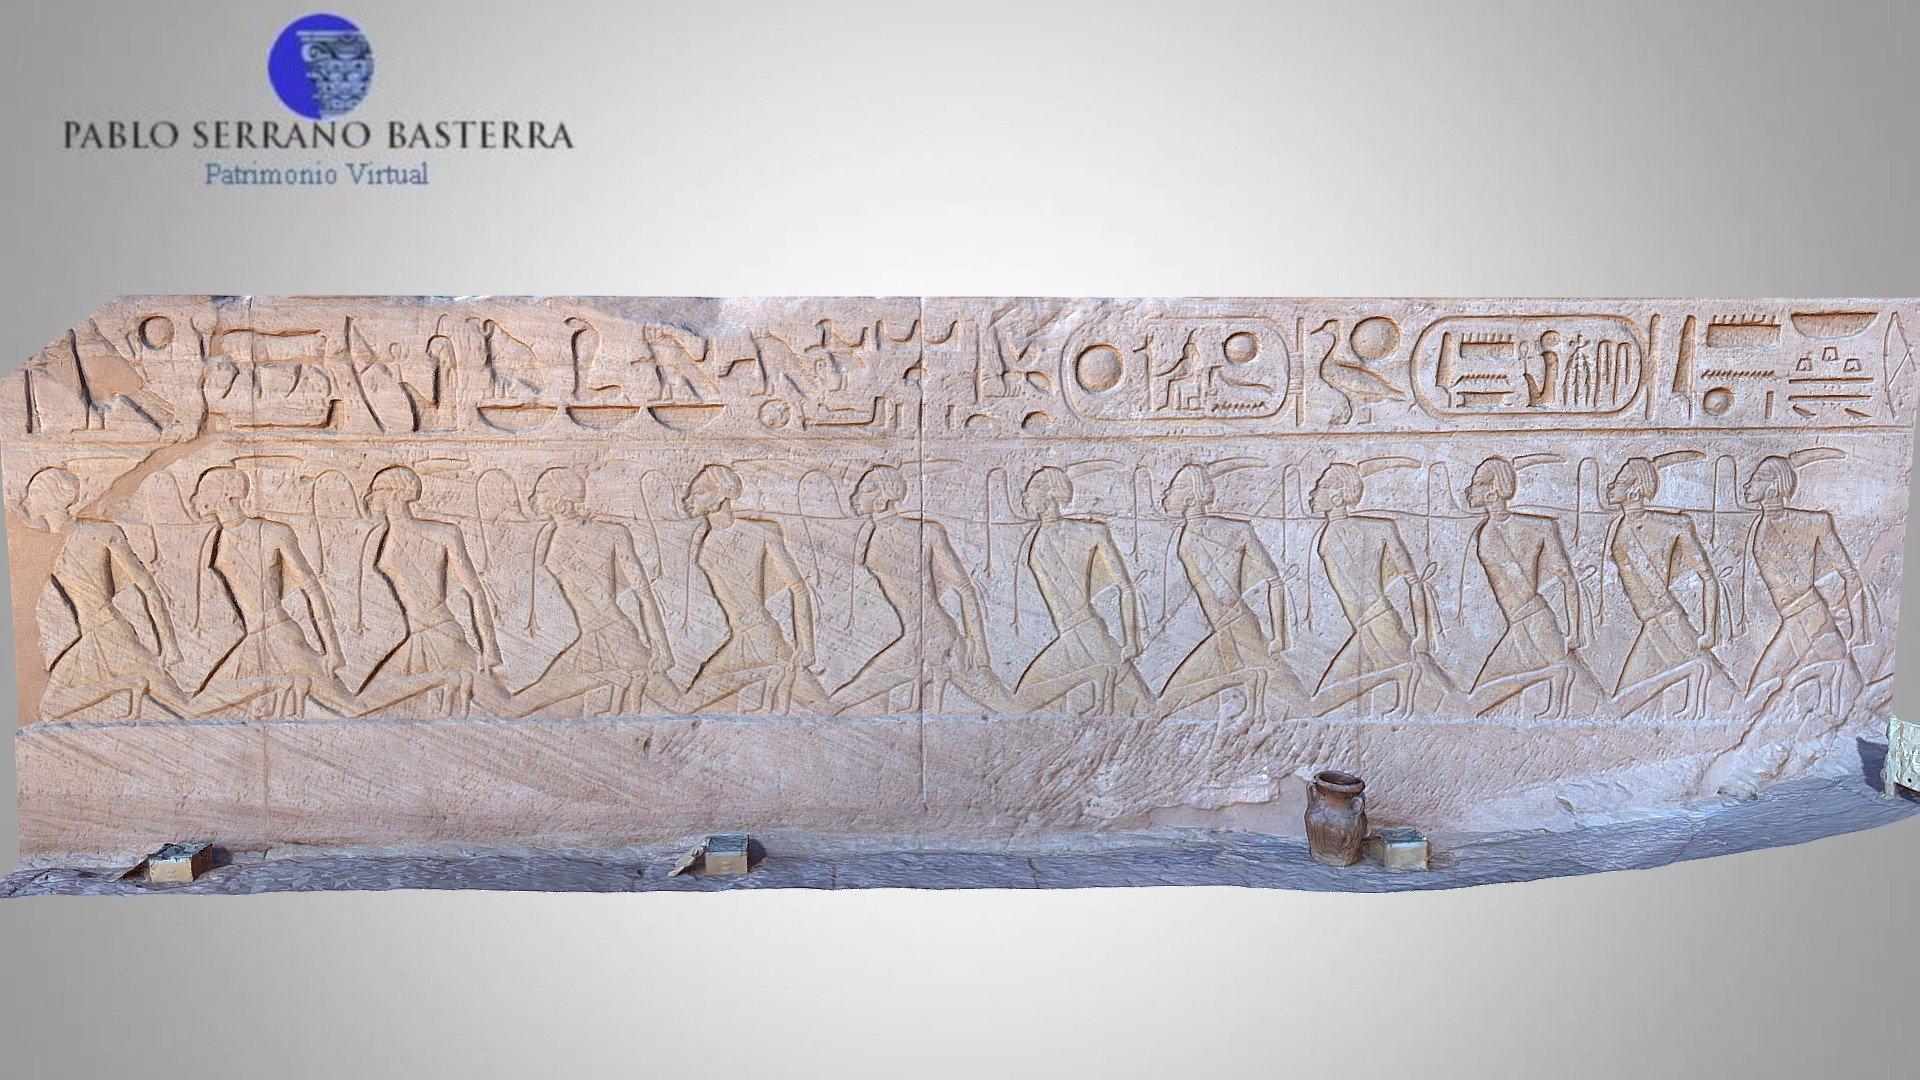 Templo de Abu Simbel Egipto im/án adhesivo para nevera decoraci/ón del hogar y la cocina arte de poliresina Im/án para nevera dise/ño del templo de Abu Simbel de Egipto en 3D